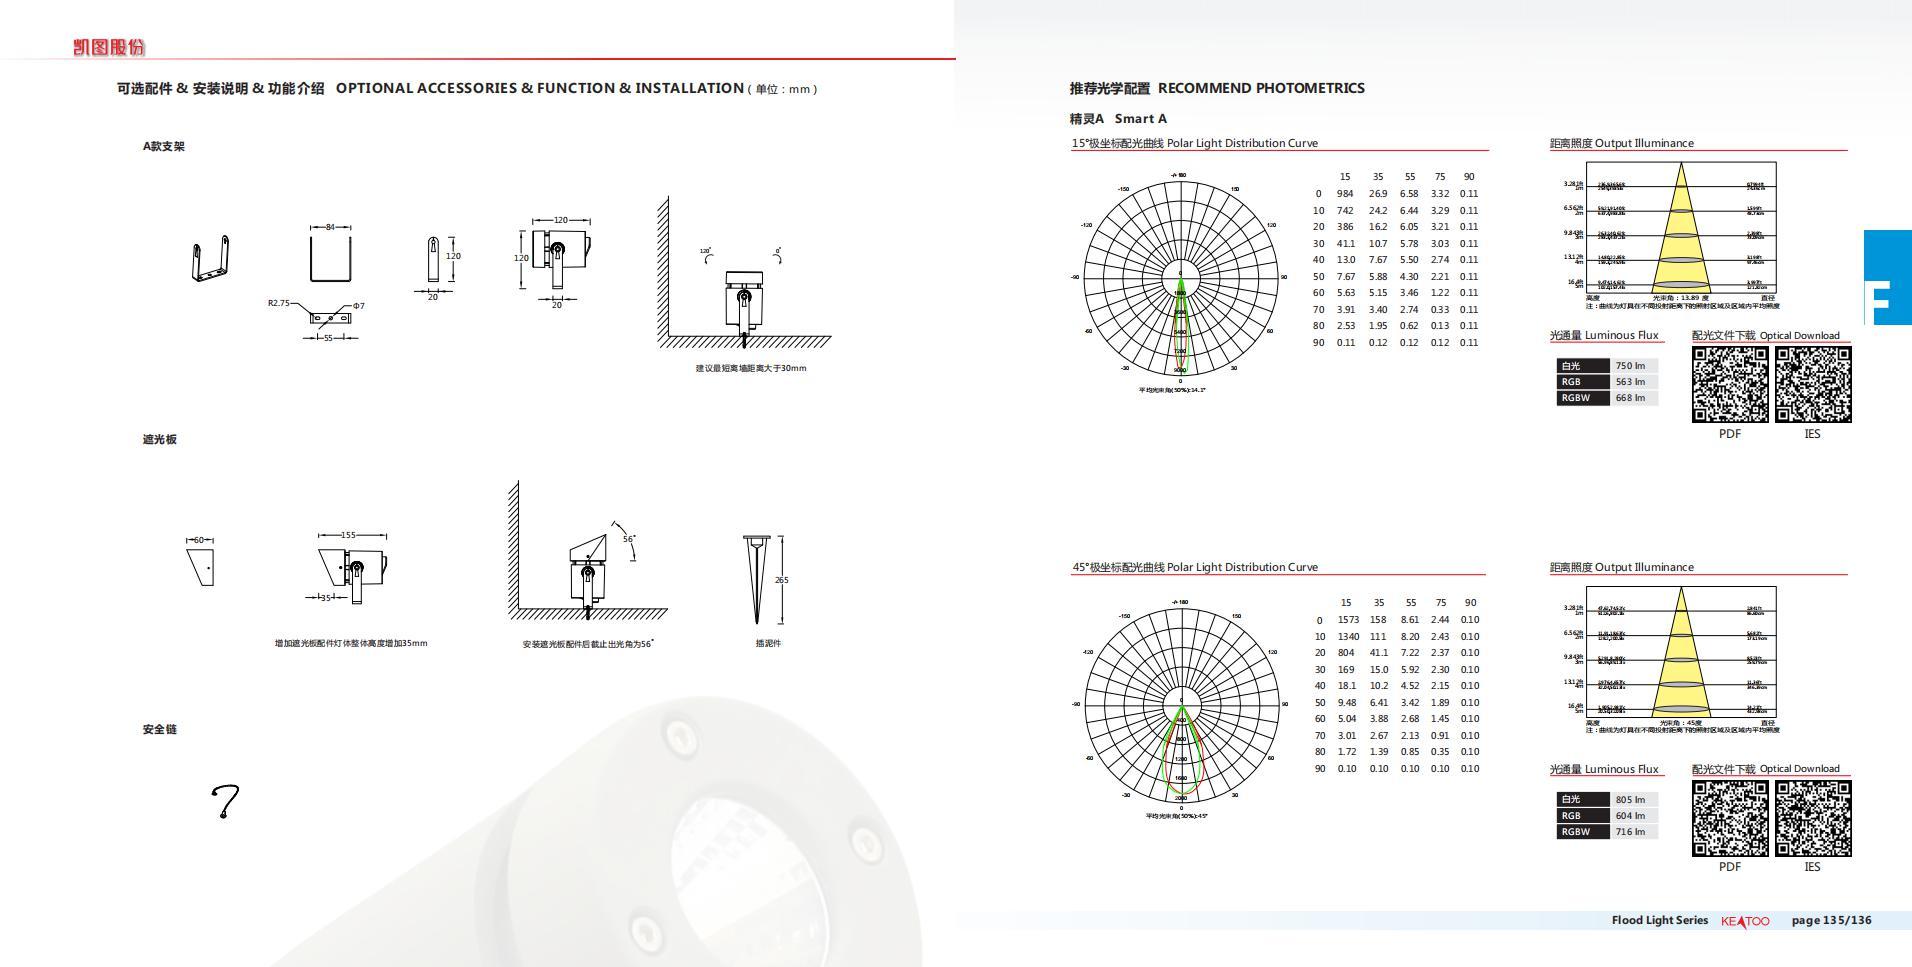 2019凯图产品册目录-定稿版2019.5.31_68